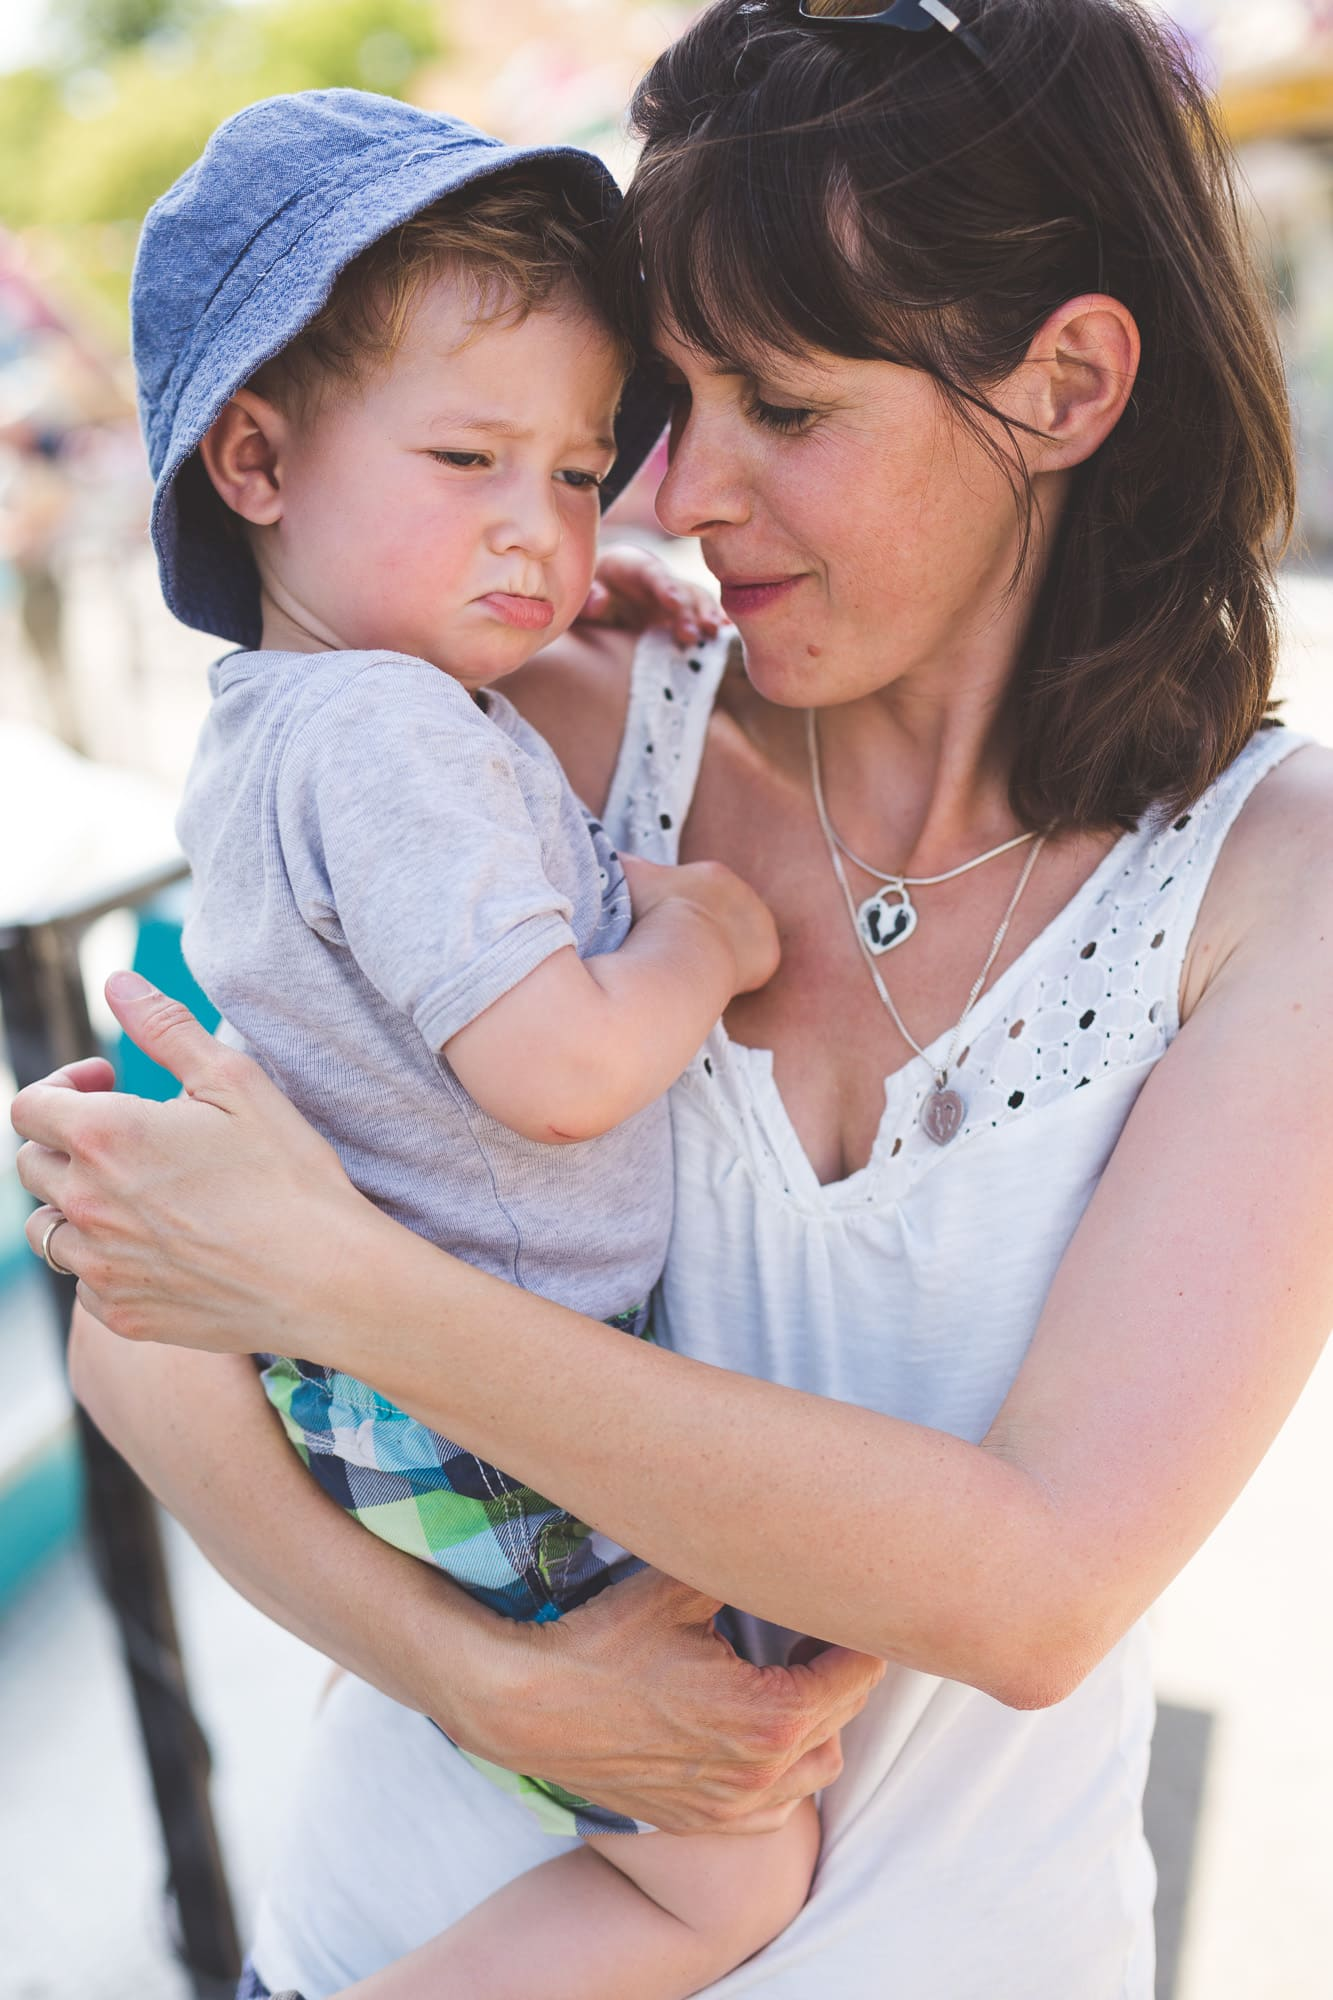 Kleiner Junge auf Mamas Arm ist traurig